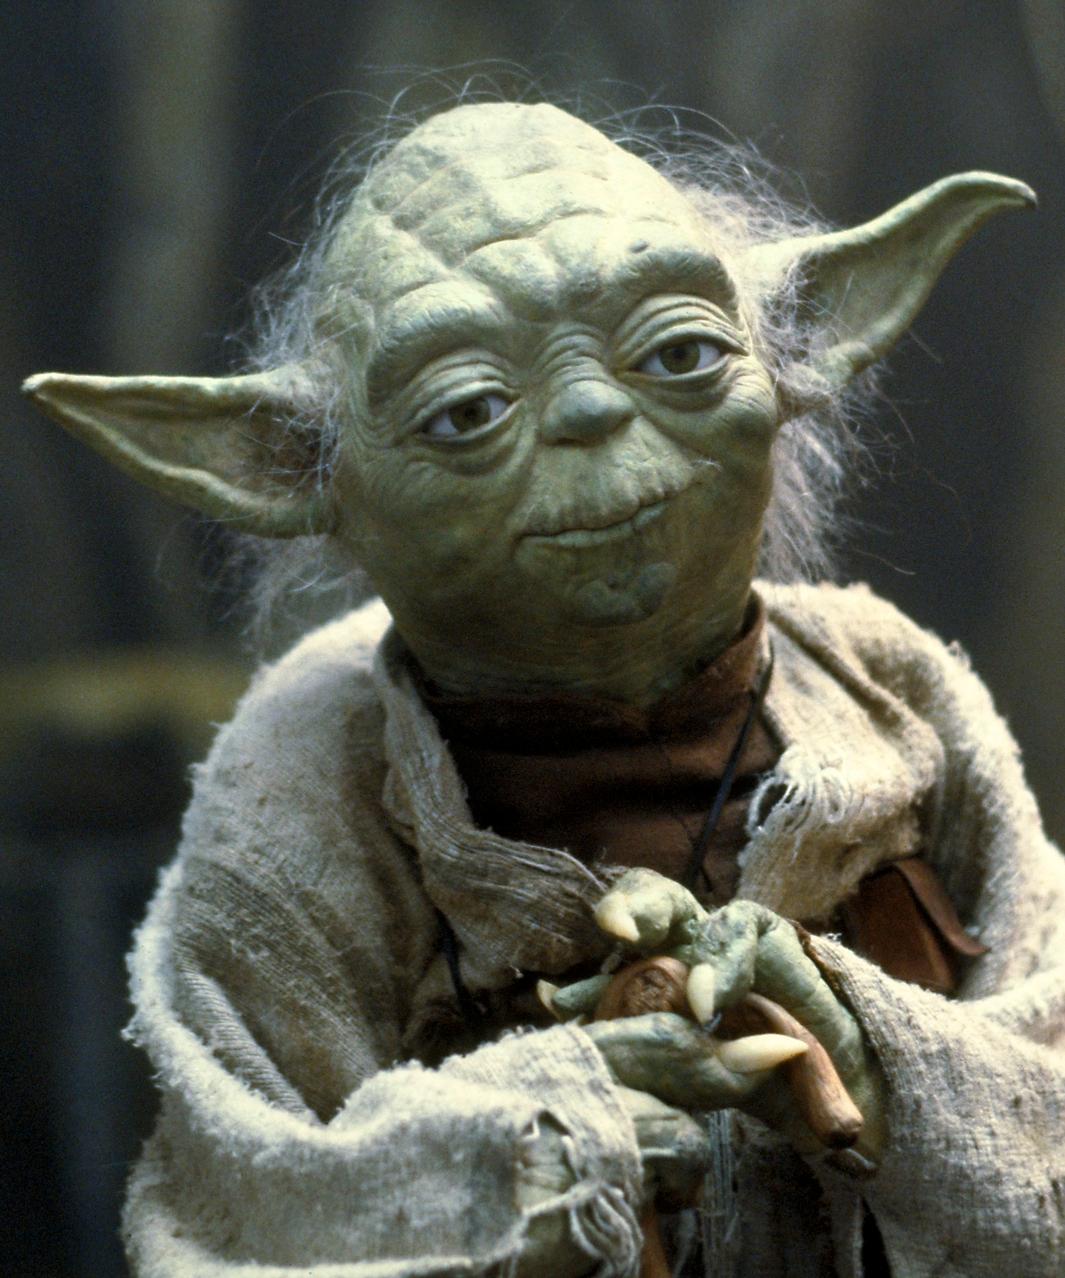 Mentor figure to Luke Skywalker in Star Wars.